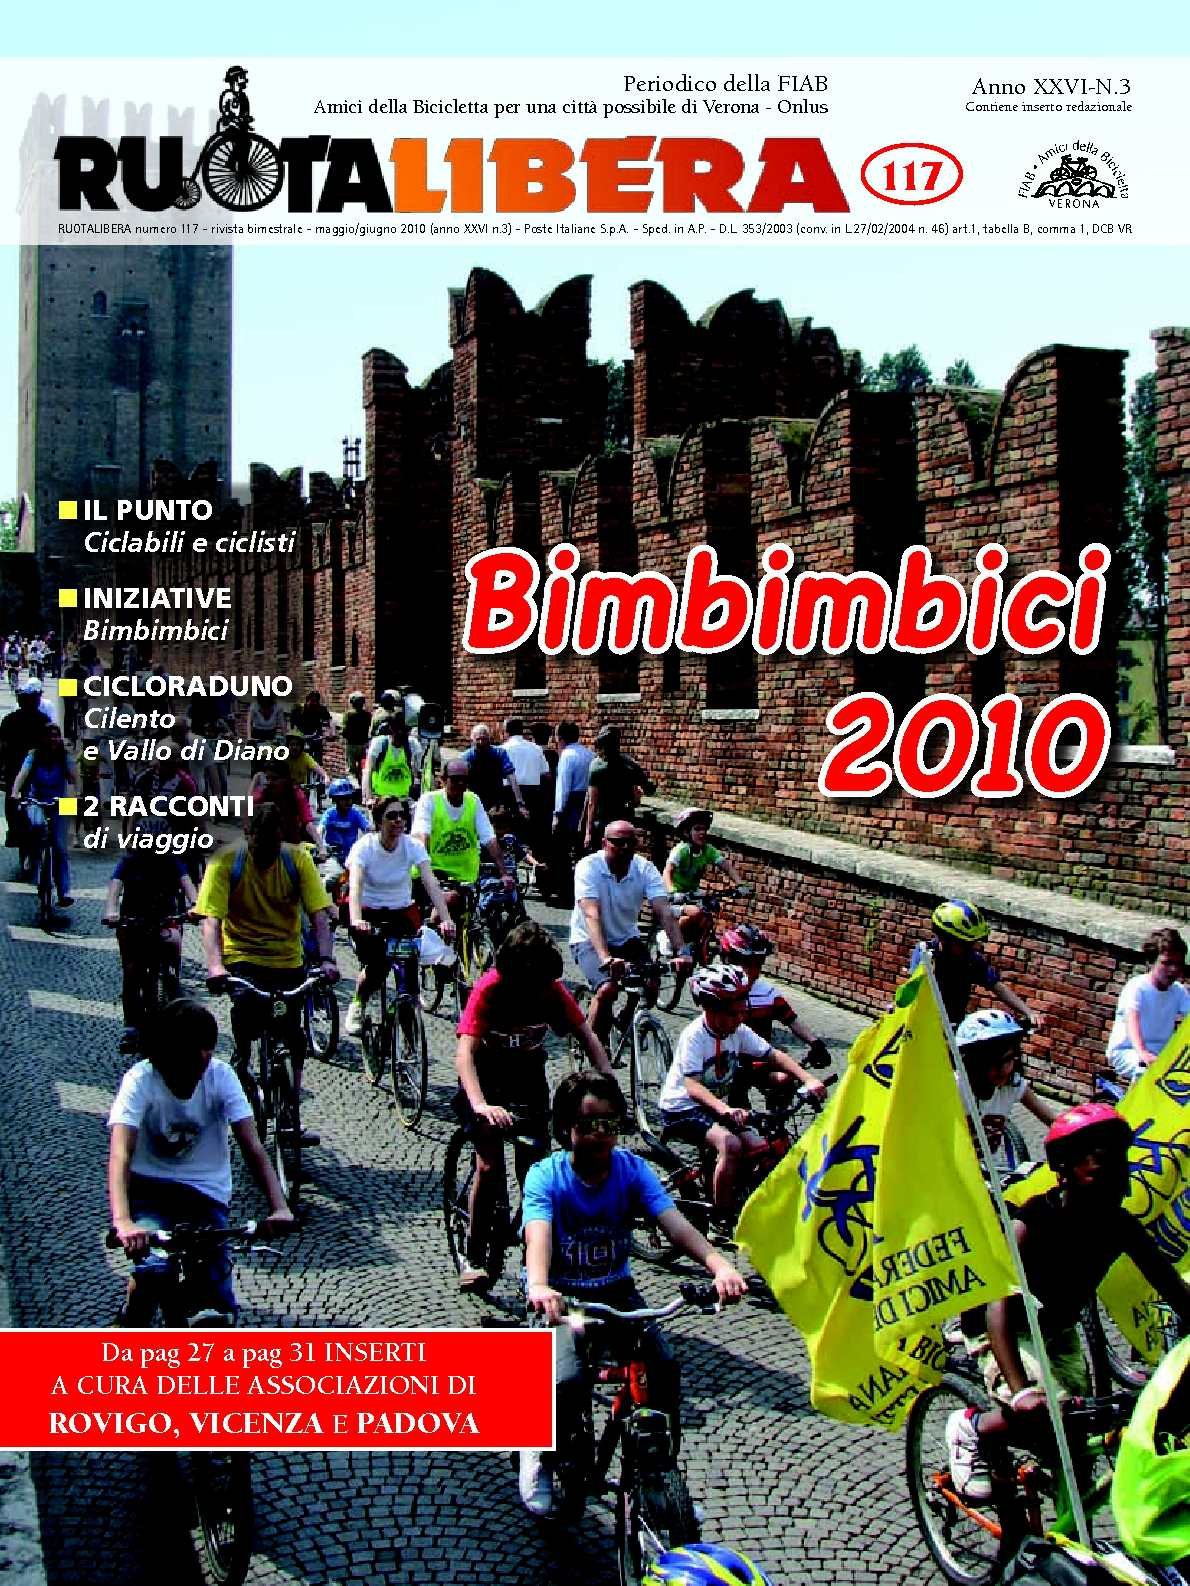 Ruotalibera 117 (maggio/giugno 2010) - FIAB AdB Verona